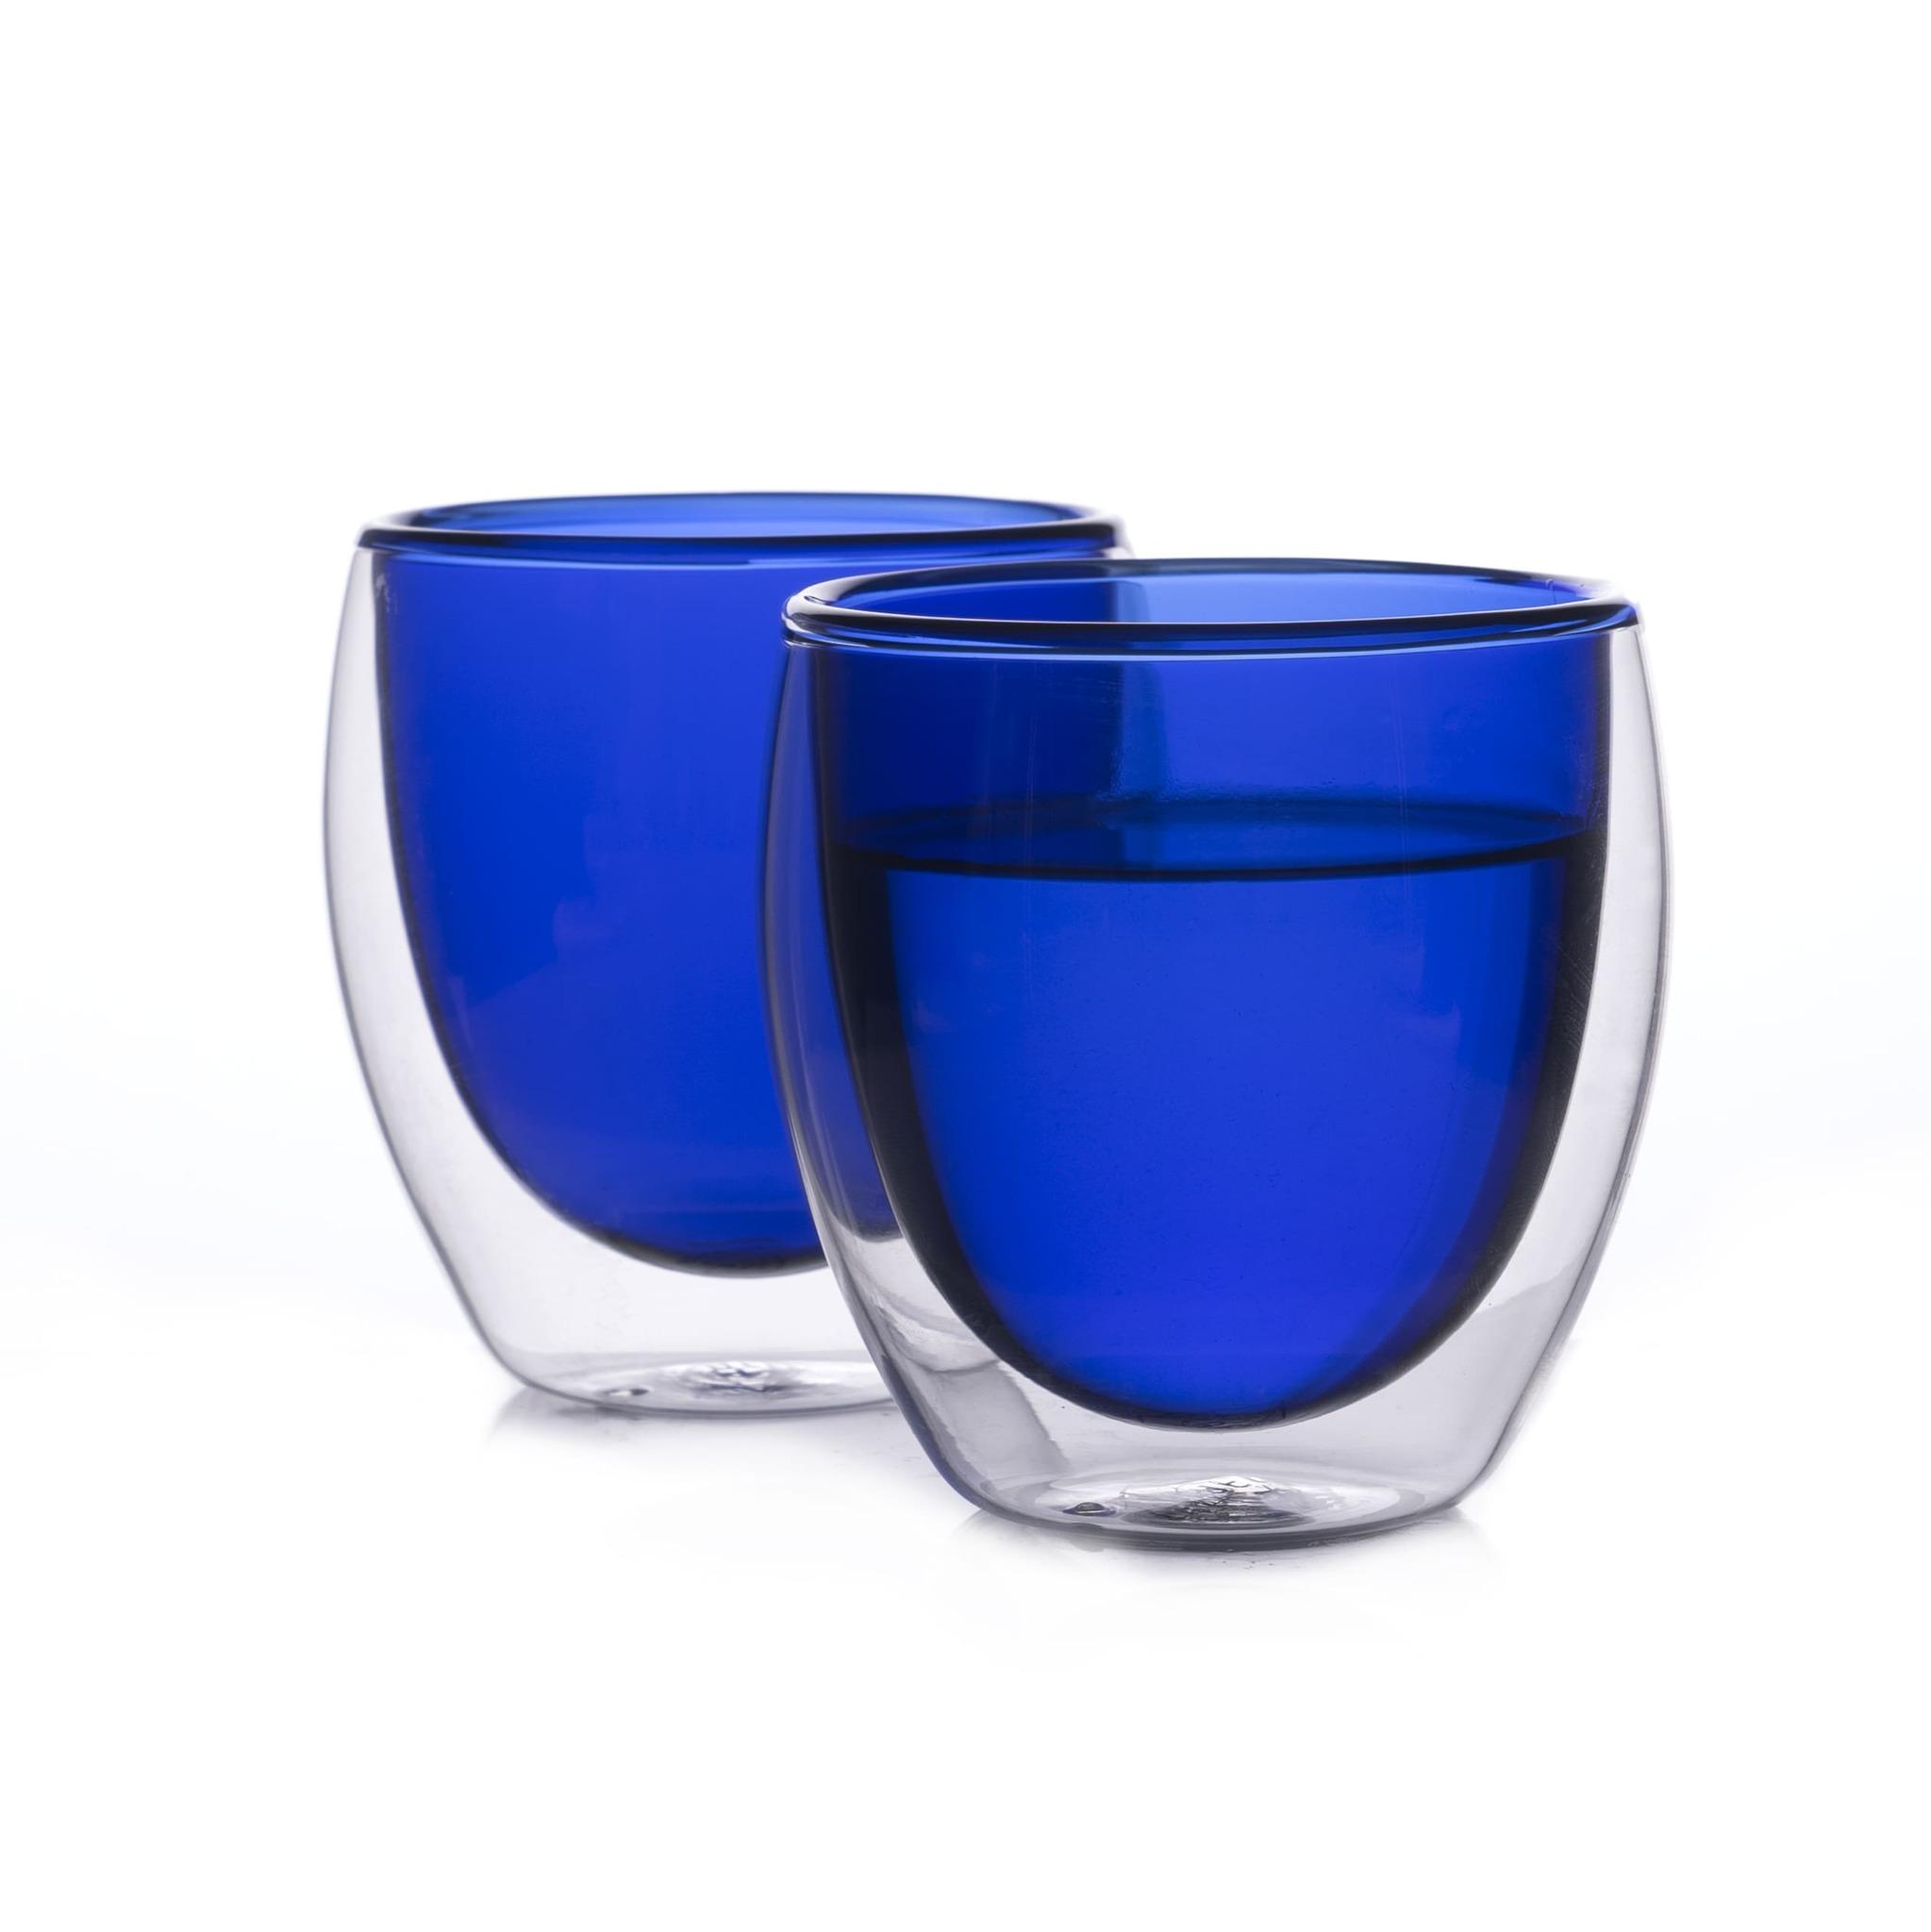 Наборы-Акции Набор стаканов из двойного стекла синего цвета 250 мл, 2 шт. синий3.jpg